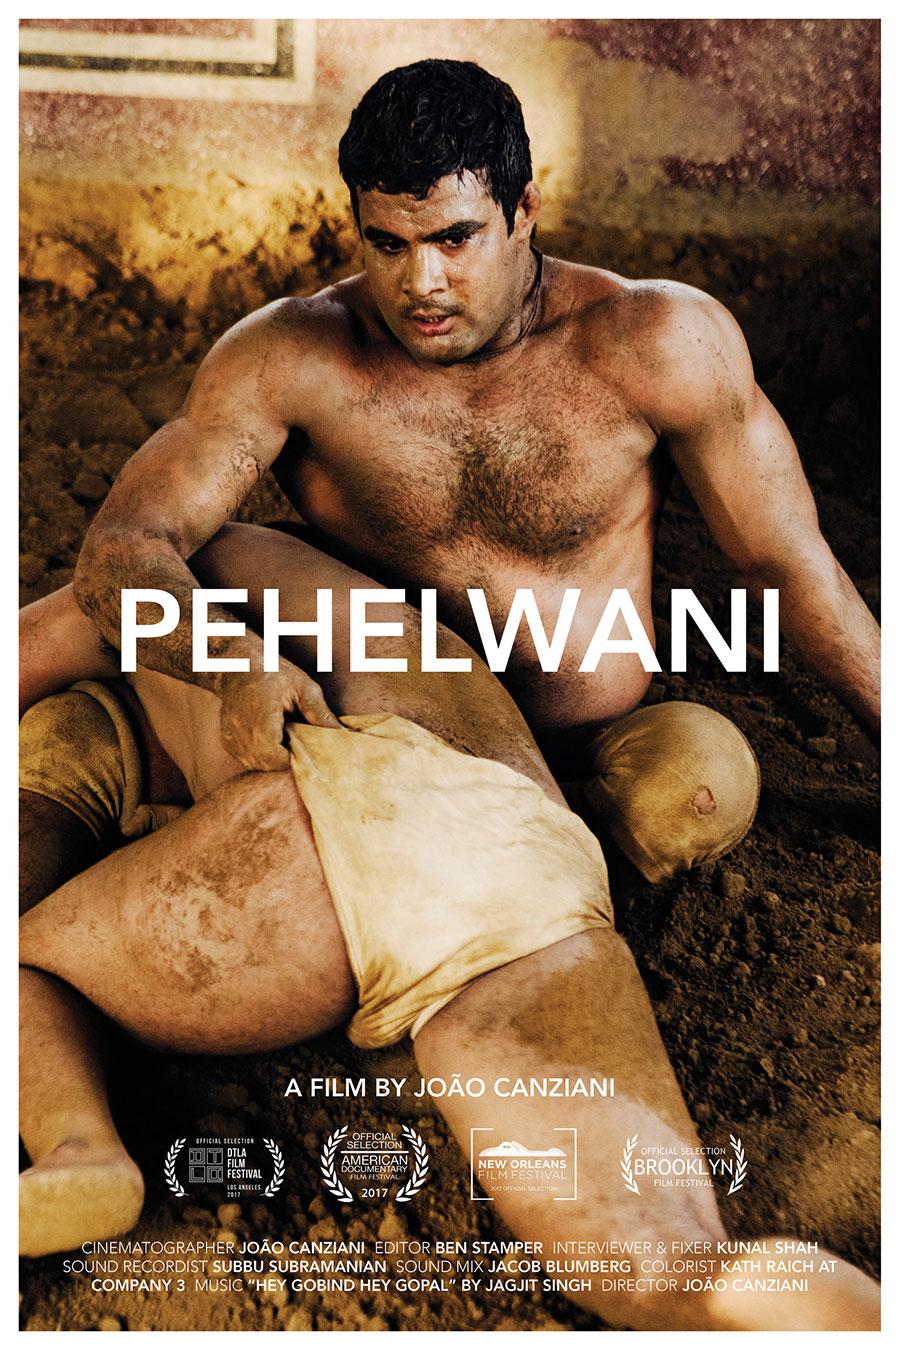 Joao Canziani, Giant Artists, Pehelwani, DTLA